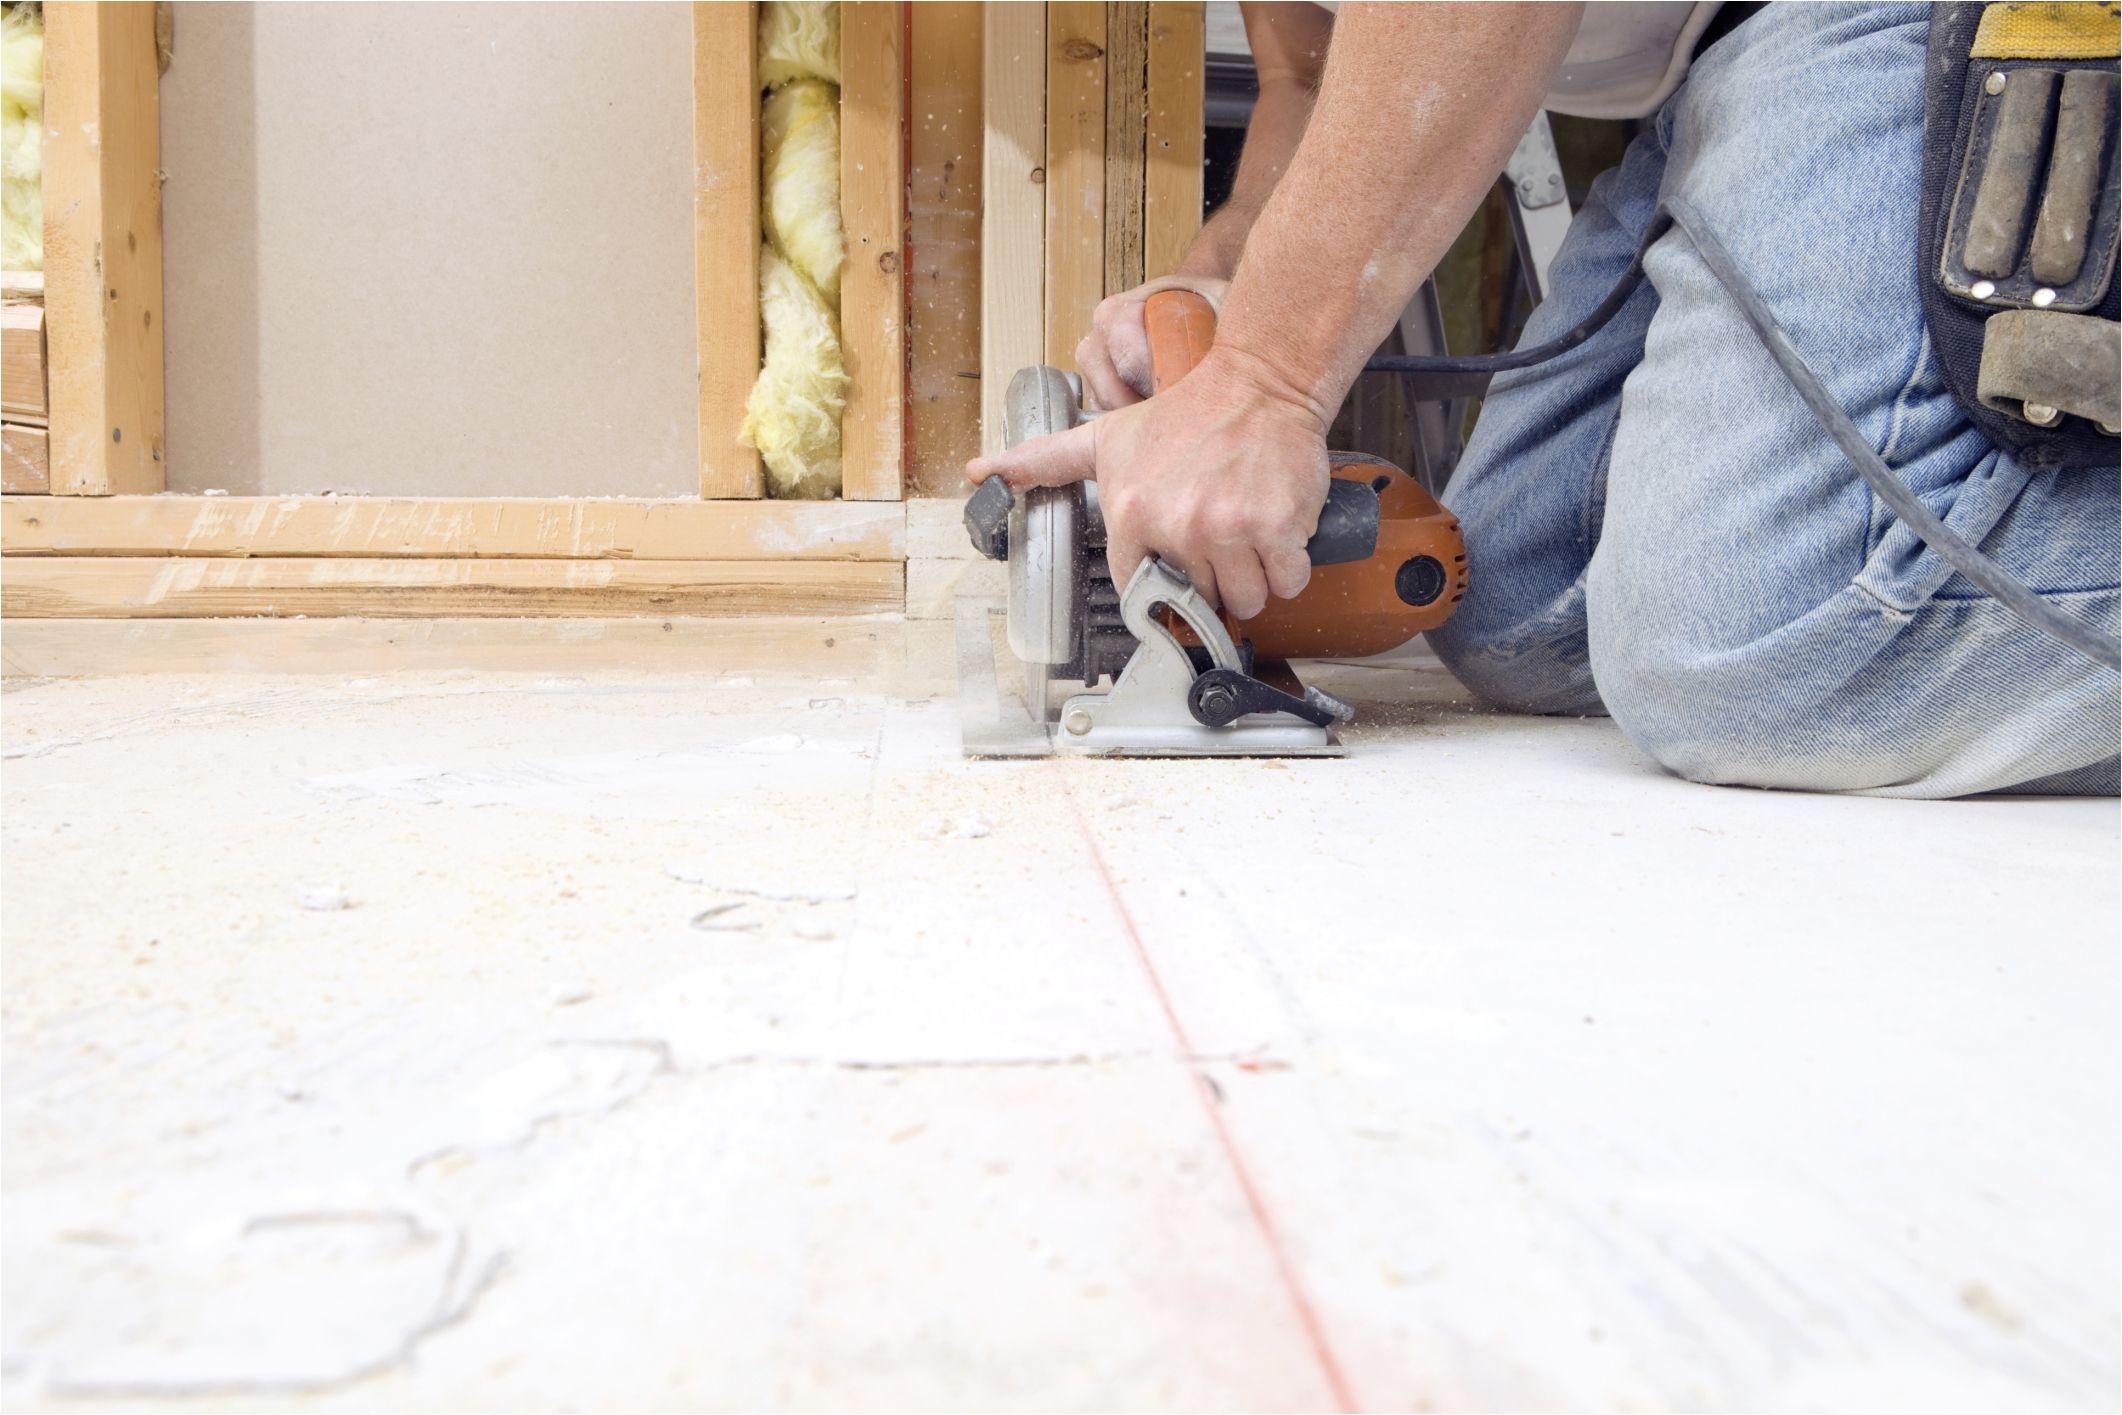 cutting plywood subfloor with circular saw 185001220 56a4a04b5f9b58b7d0d7e37f jpg